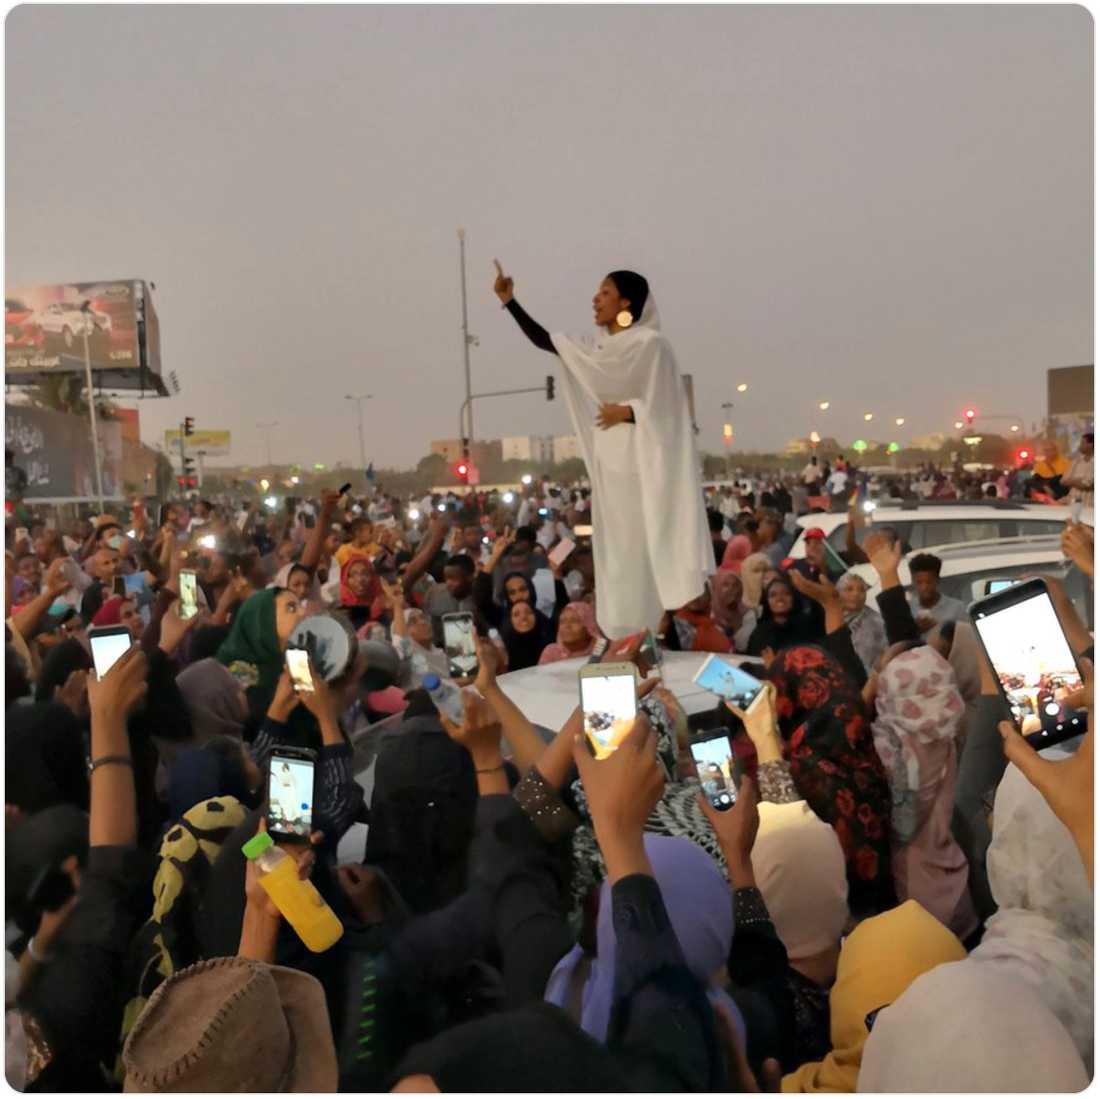 Den unga sudanesiska kvinnan Alaa Salah, 22, står på en bilmotorhuv i huvudstaden Khartoum. Hon har höjt ena armen och har ett finger i luften, och leder protestsången med hjälp av alla de människor som samlats kring henne.